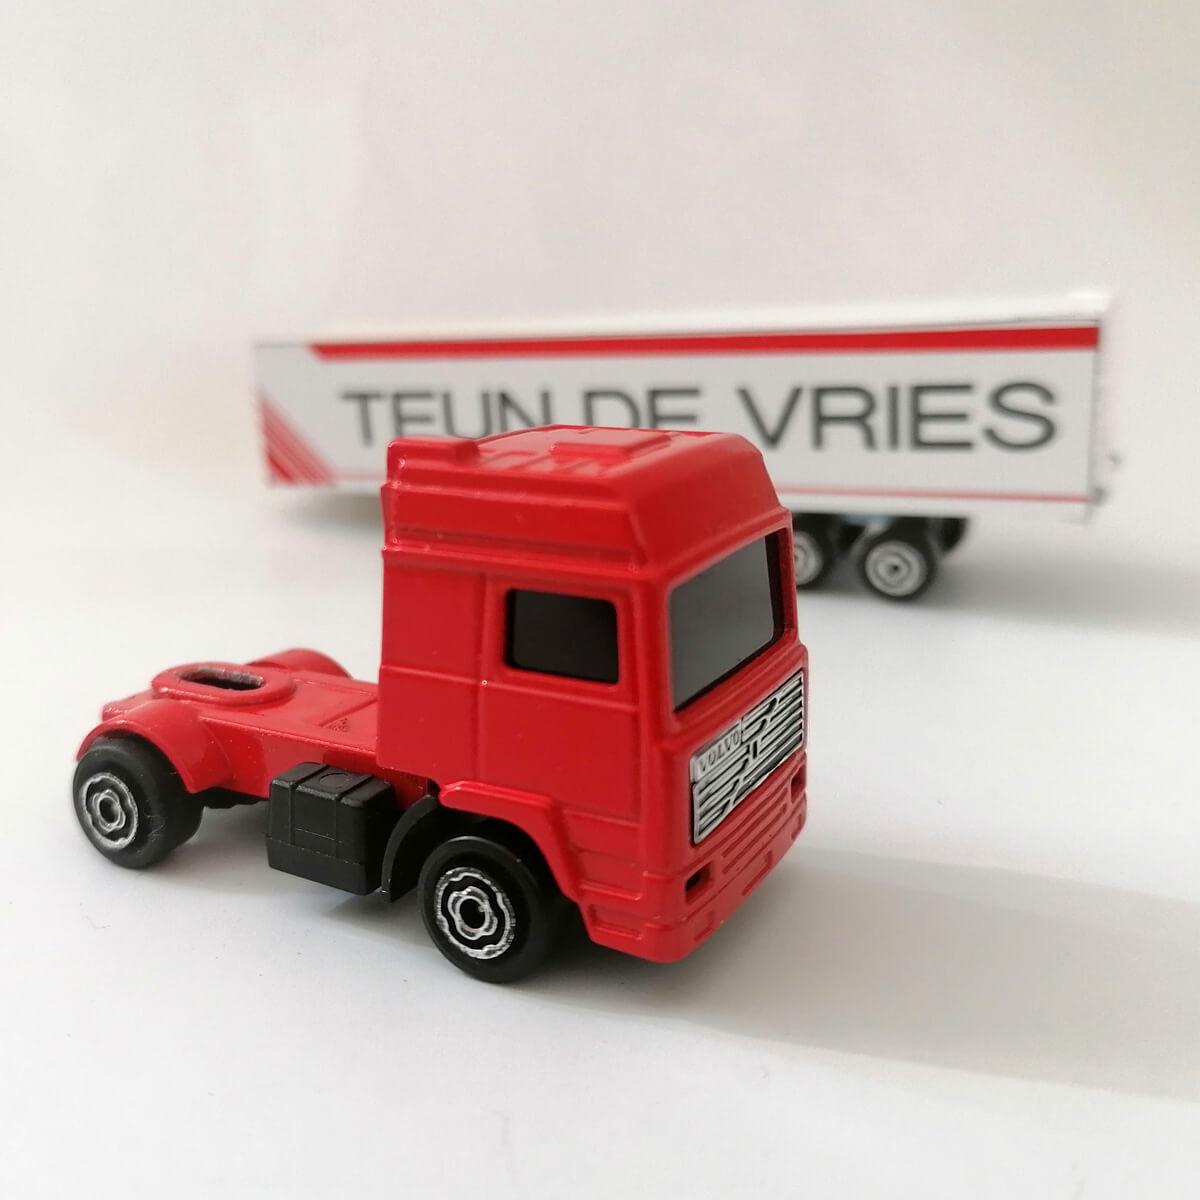 Miniatuur vrachtwagen retro Volvo model, met naam